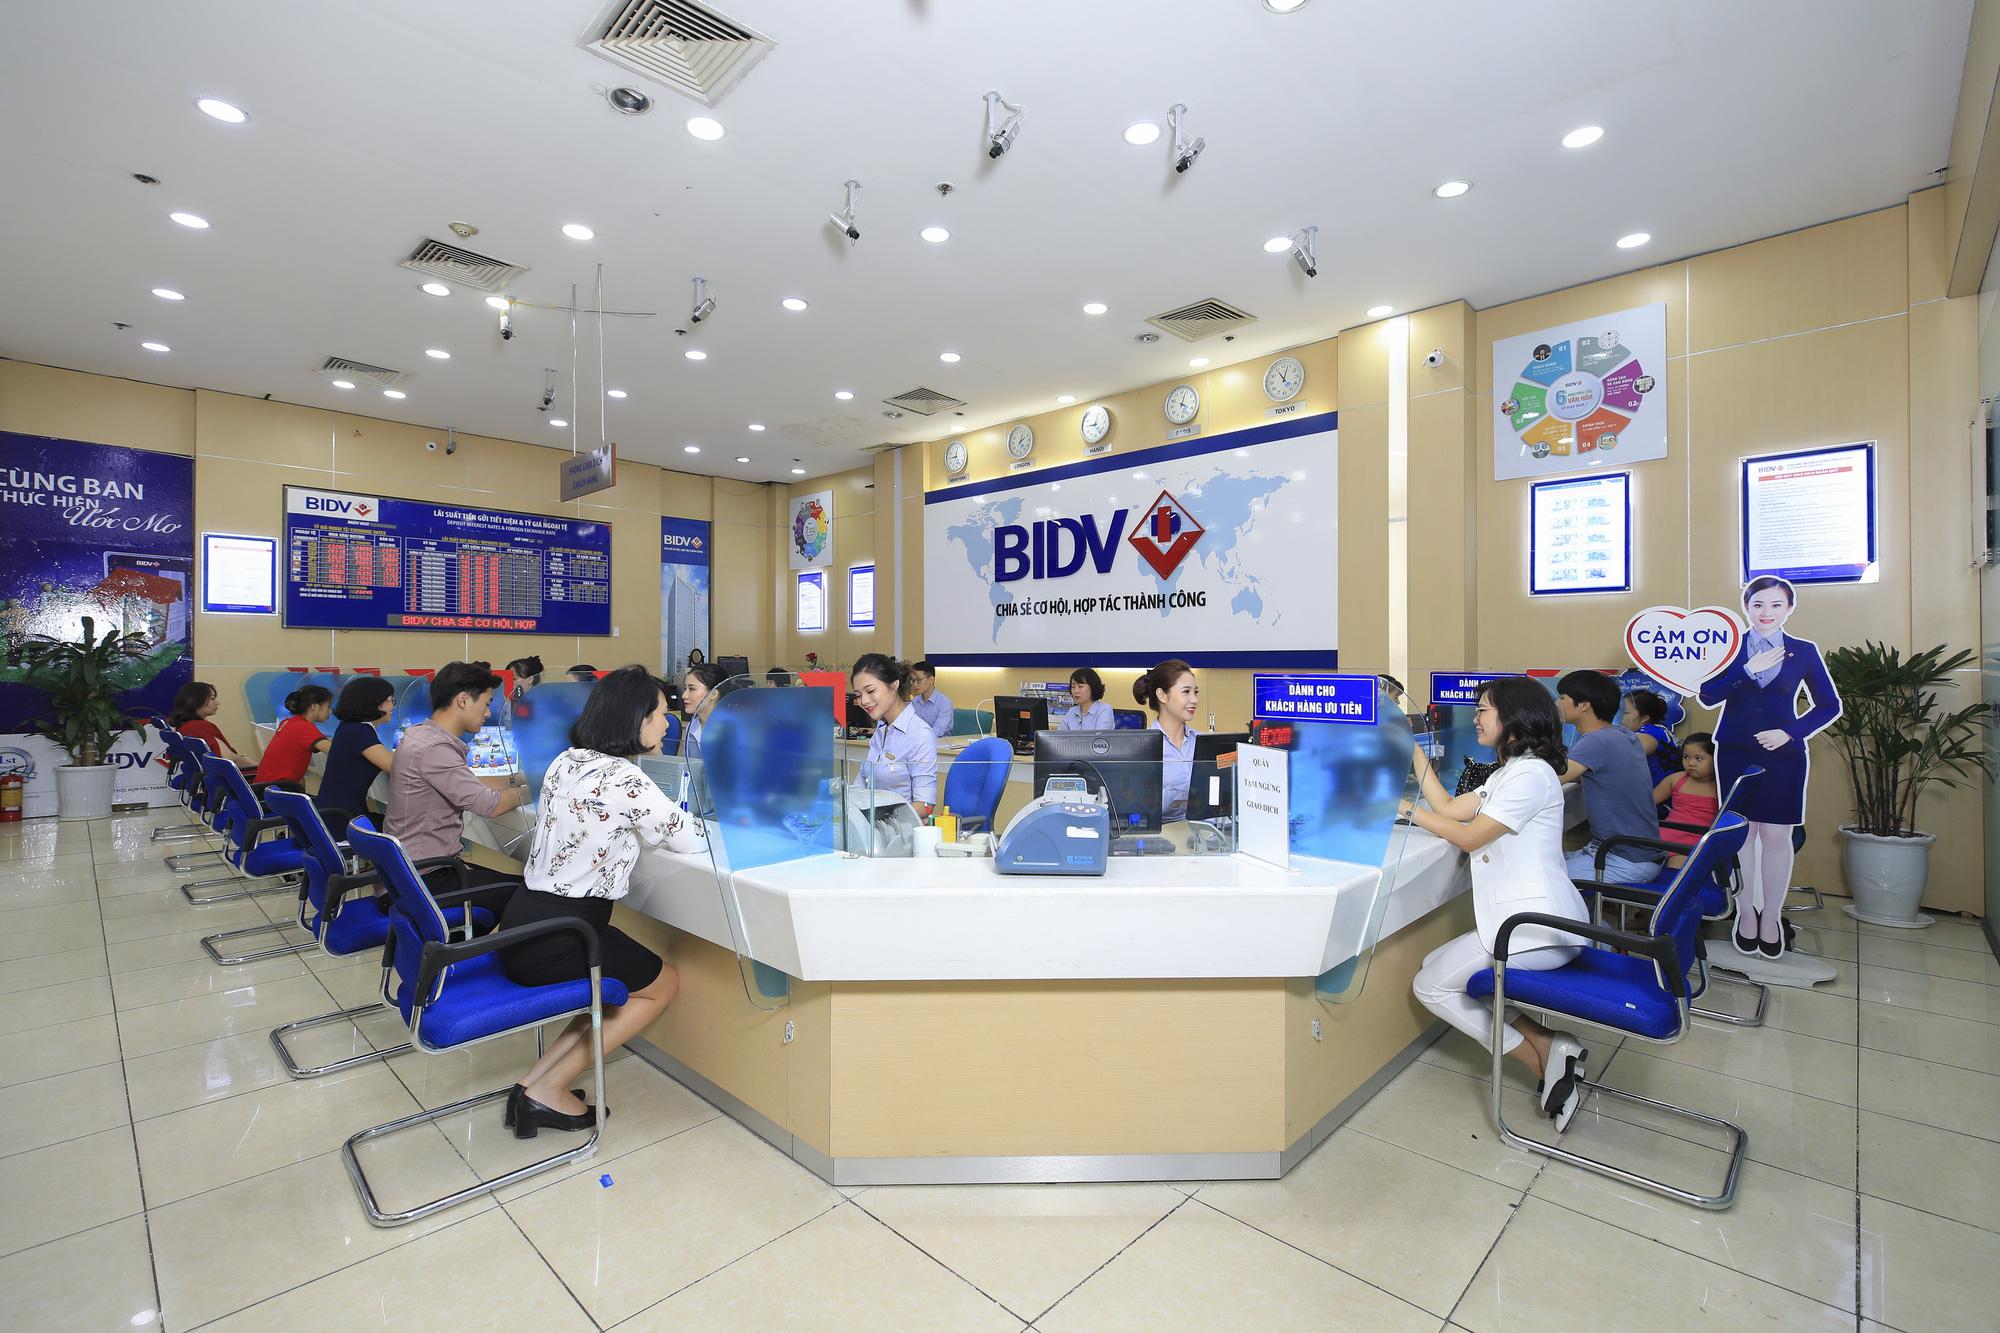 Lãi suất ngân hàng BIDV mới nhất tháng 11/2020 - Ảnh 1.